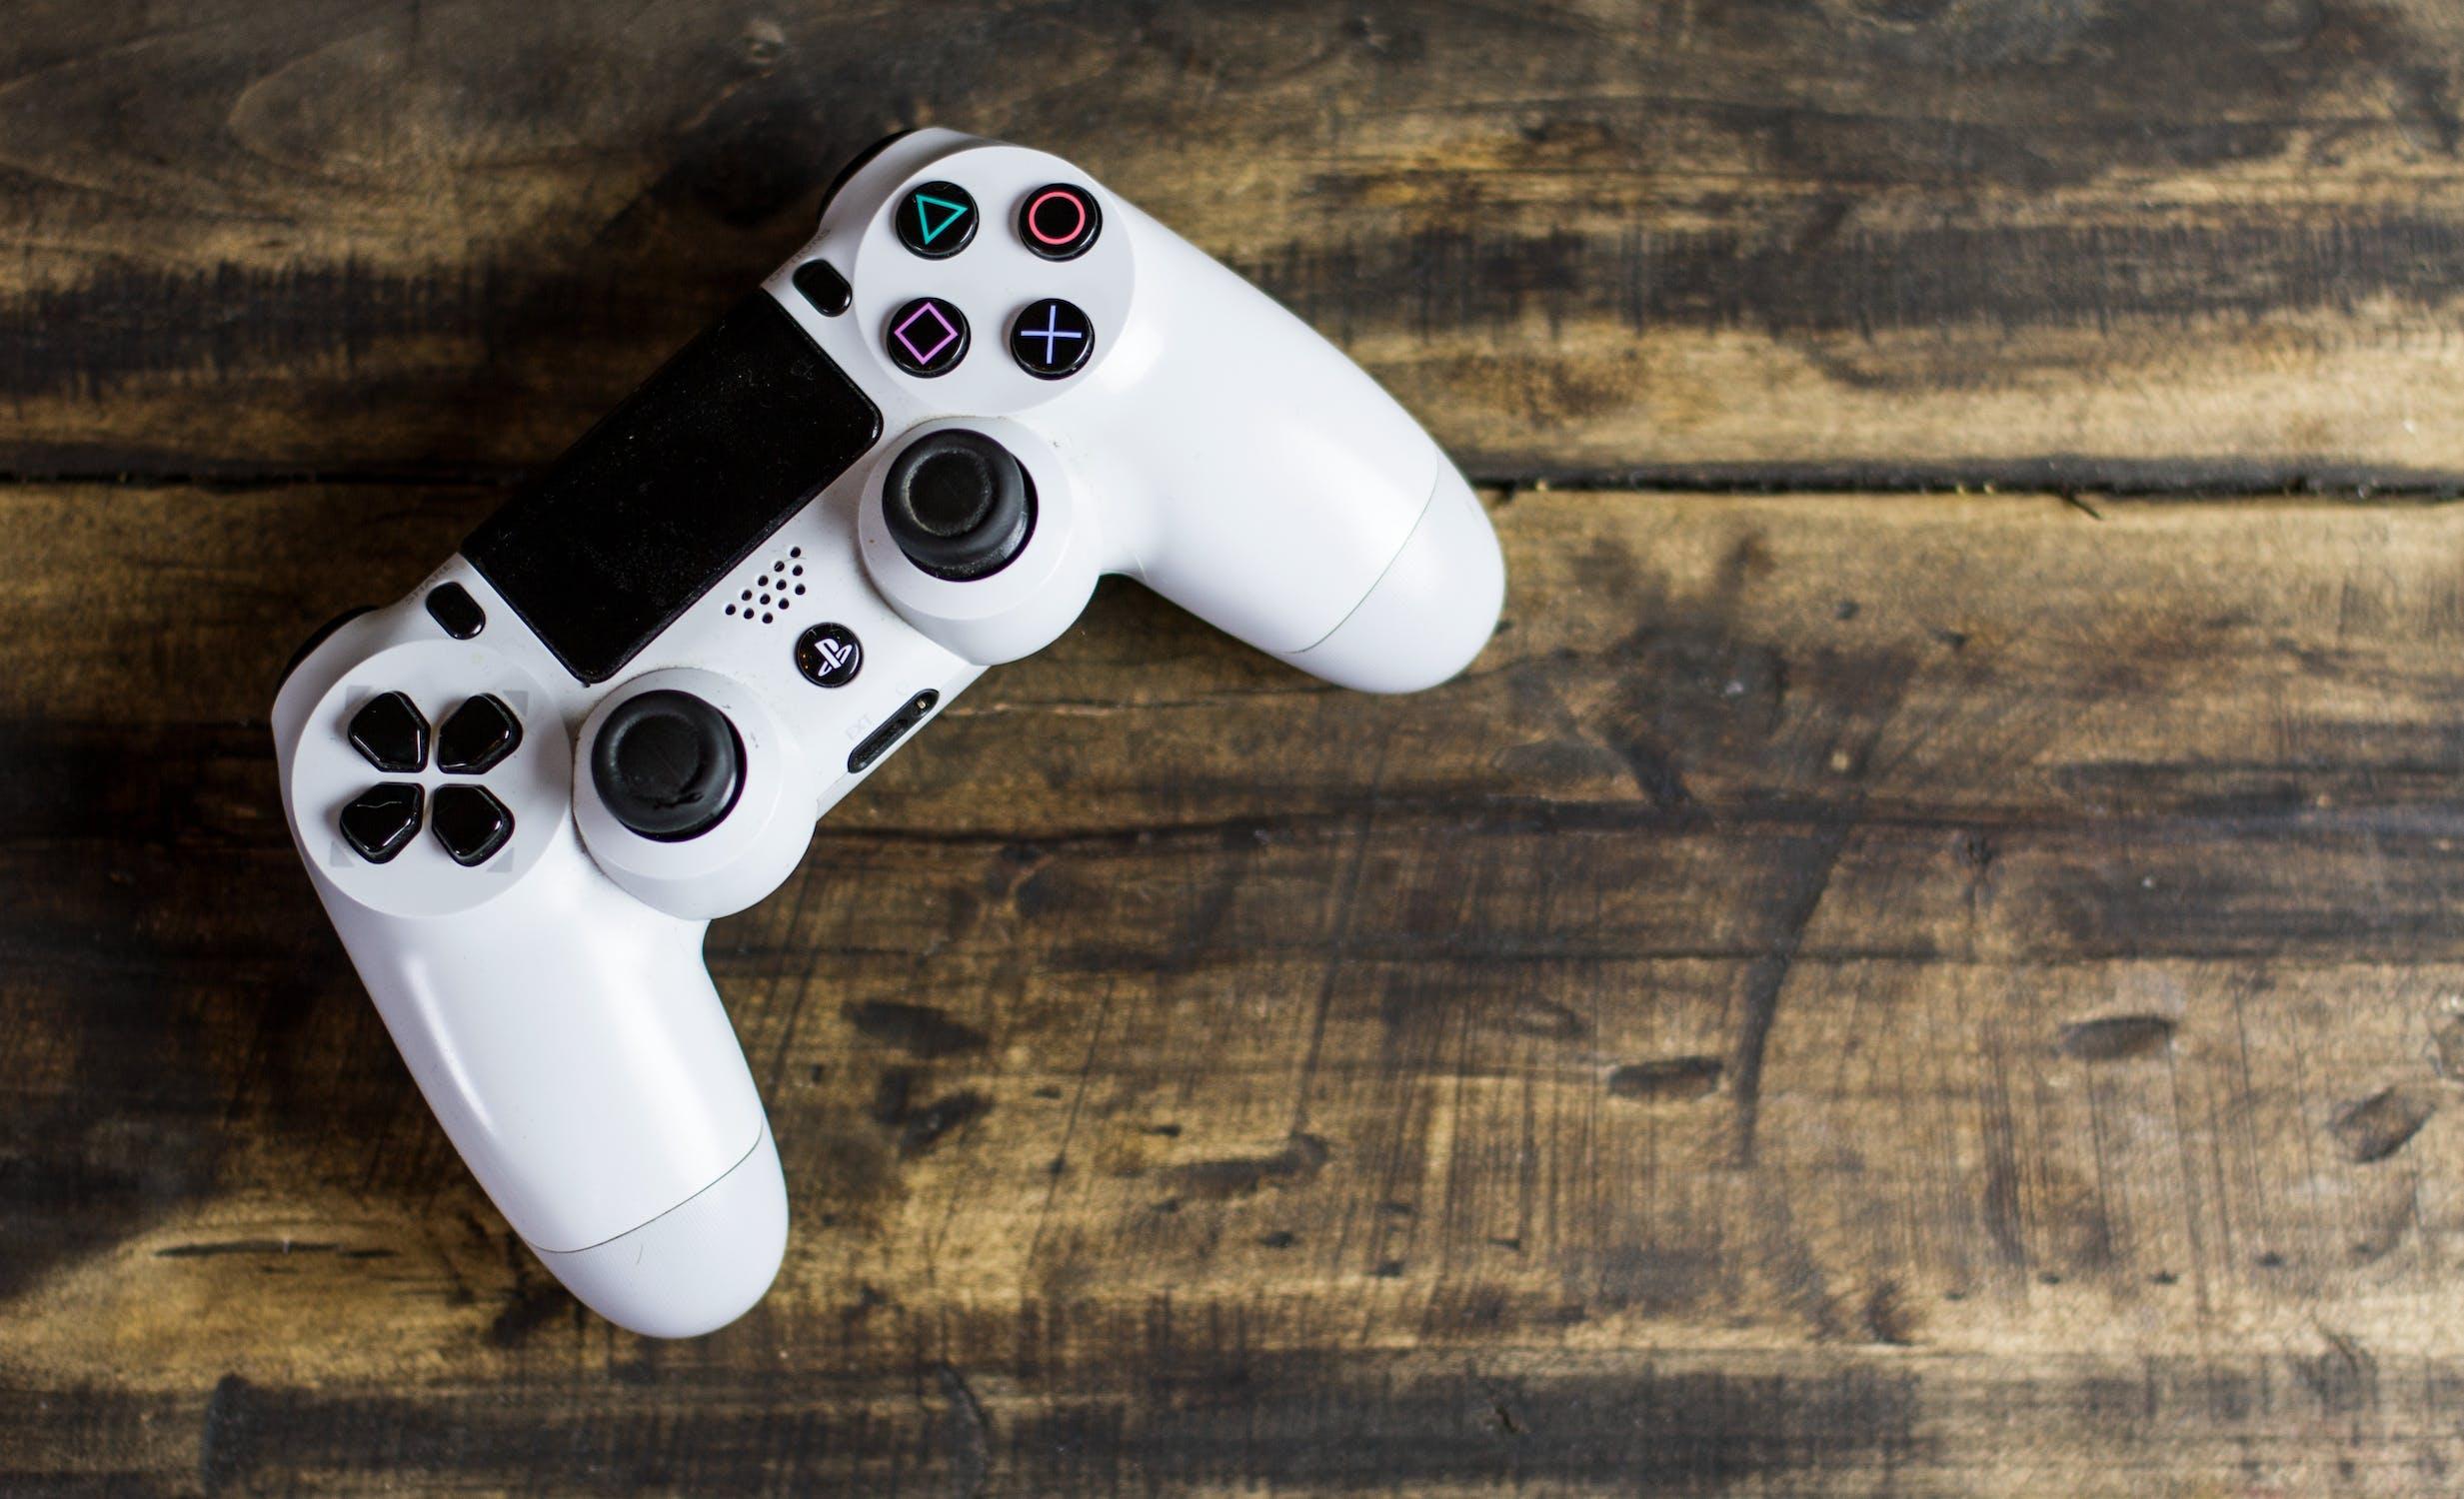 A controller.